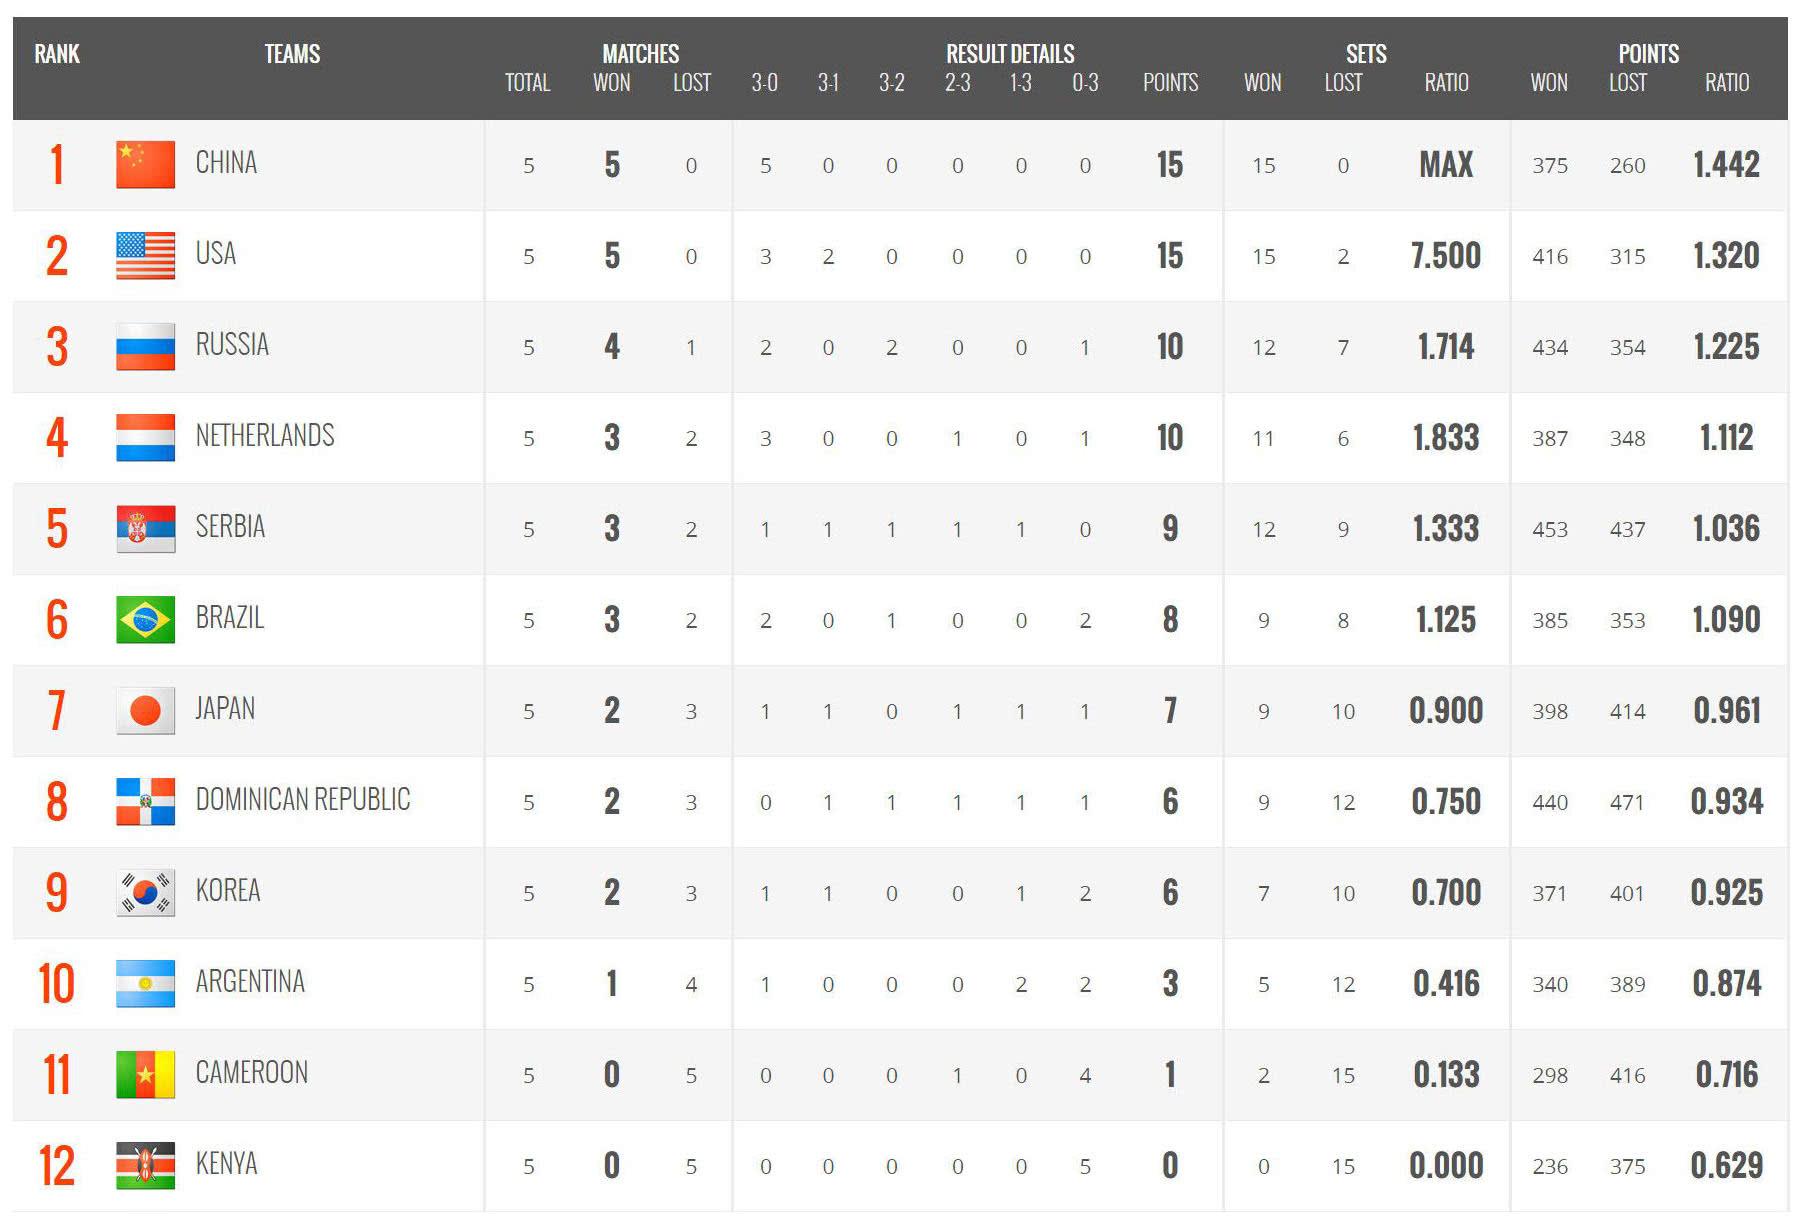 女排世界杯最新积分榜,中国队丢260球,接下来中美大战谁将获胜